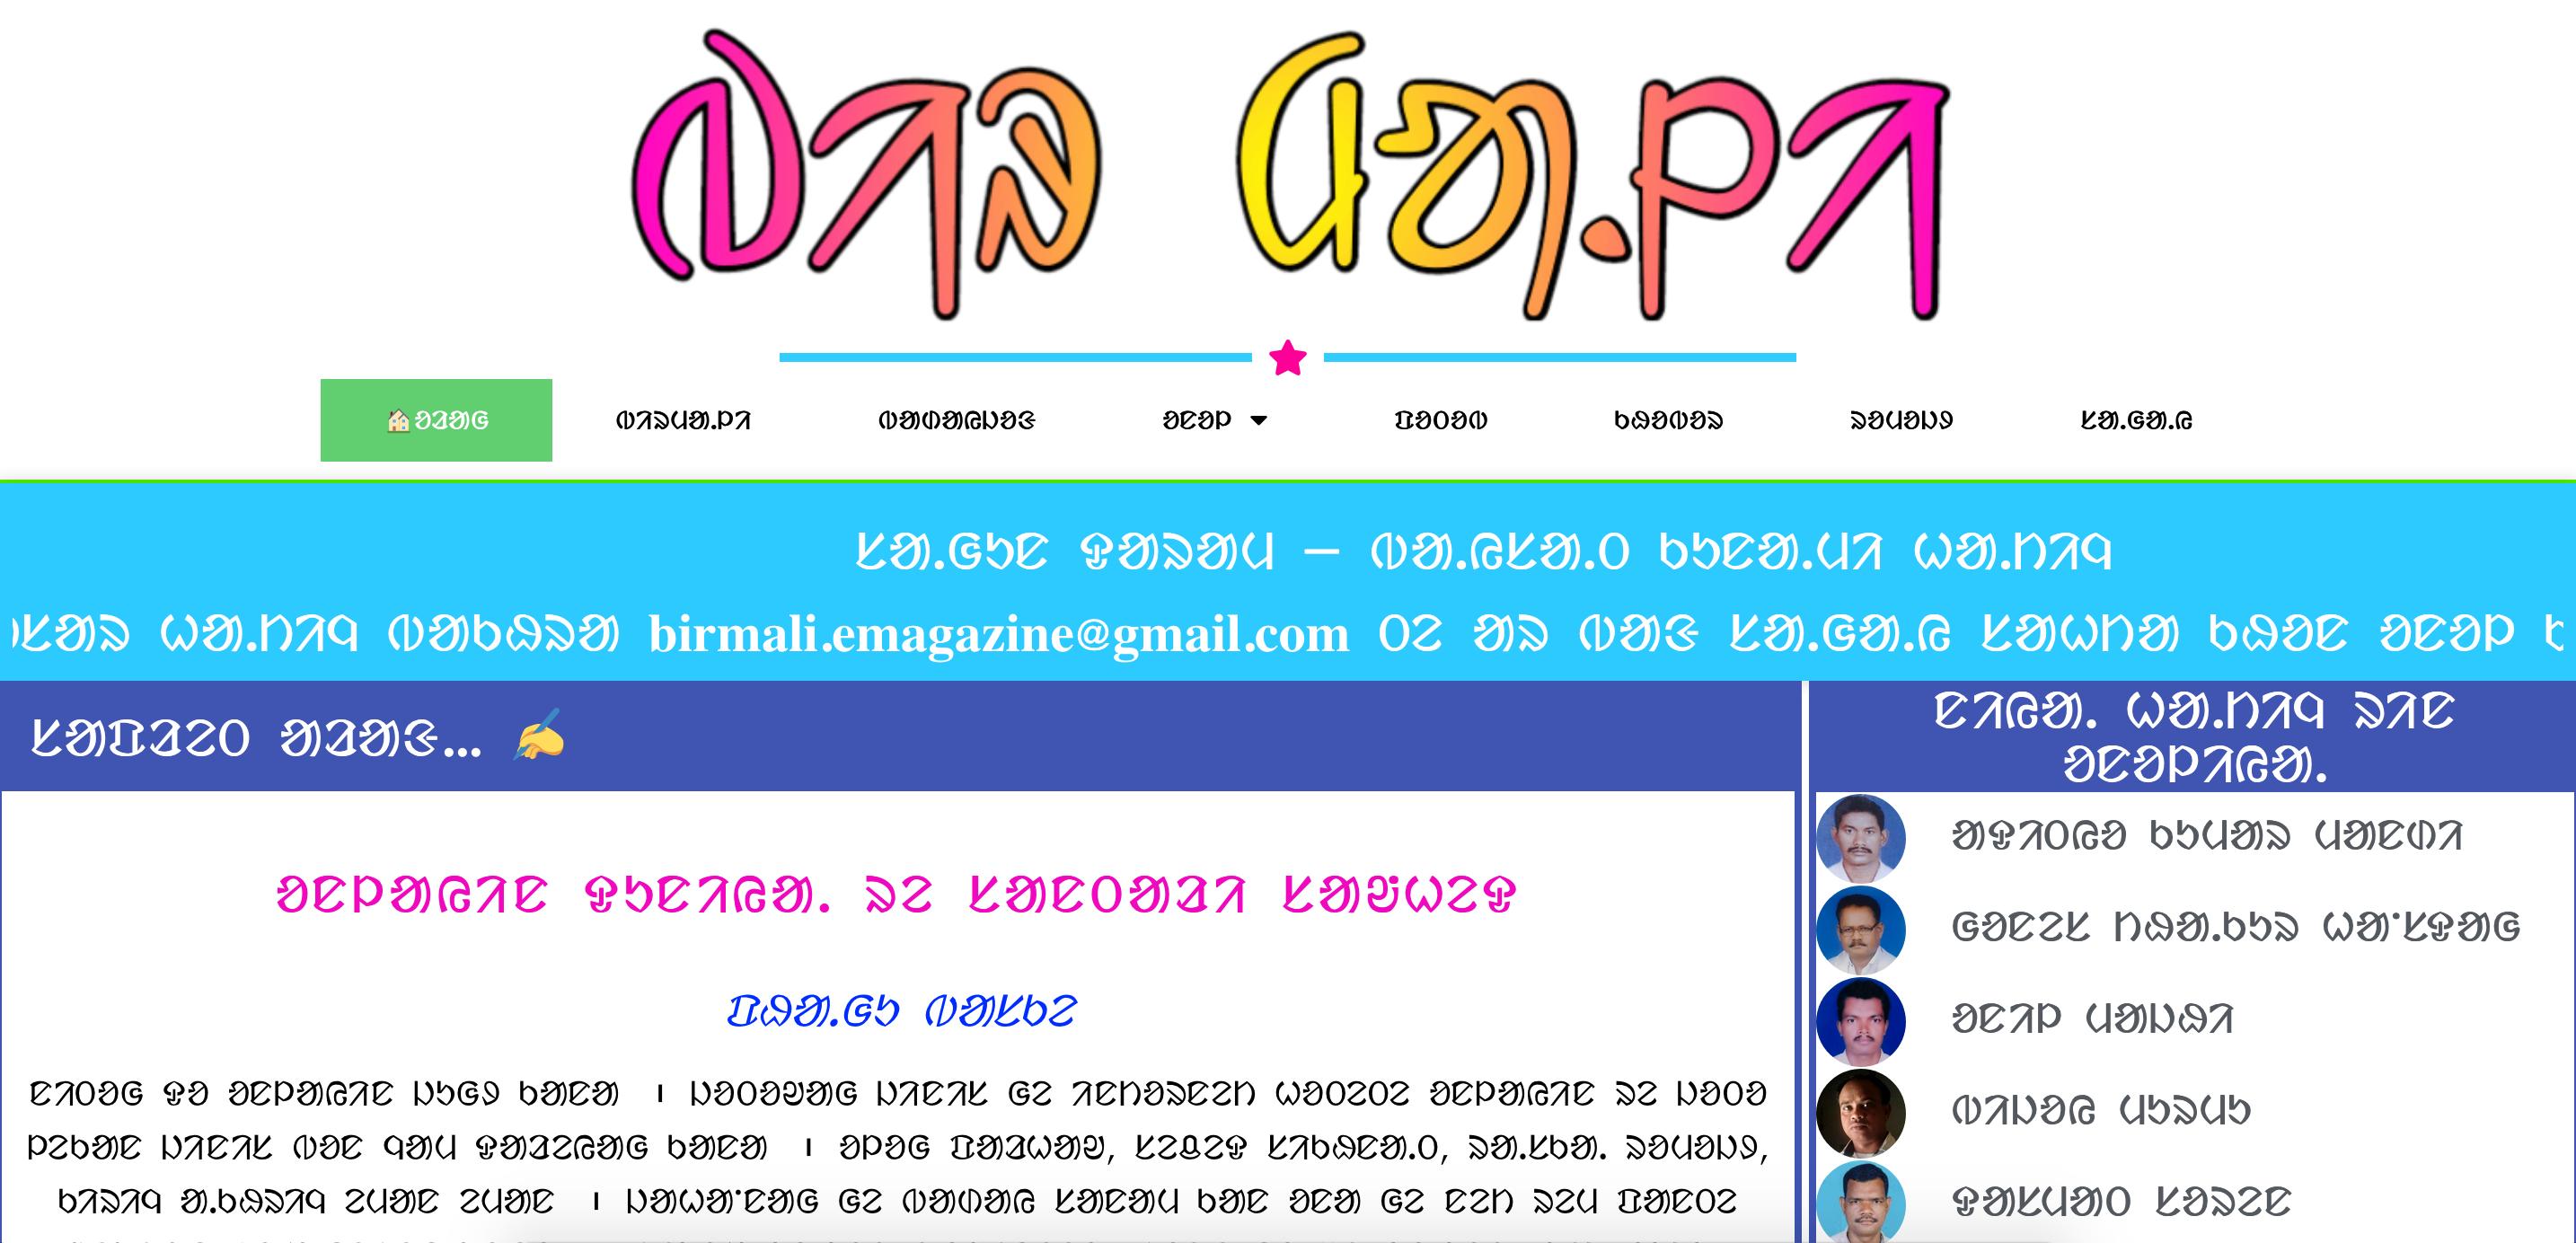 La page d'accueil du magazine Birmali, en santali. Le logo et le design sont de couleurs vives, dans des tons bleu et rose.